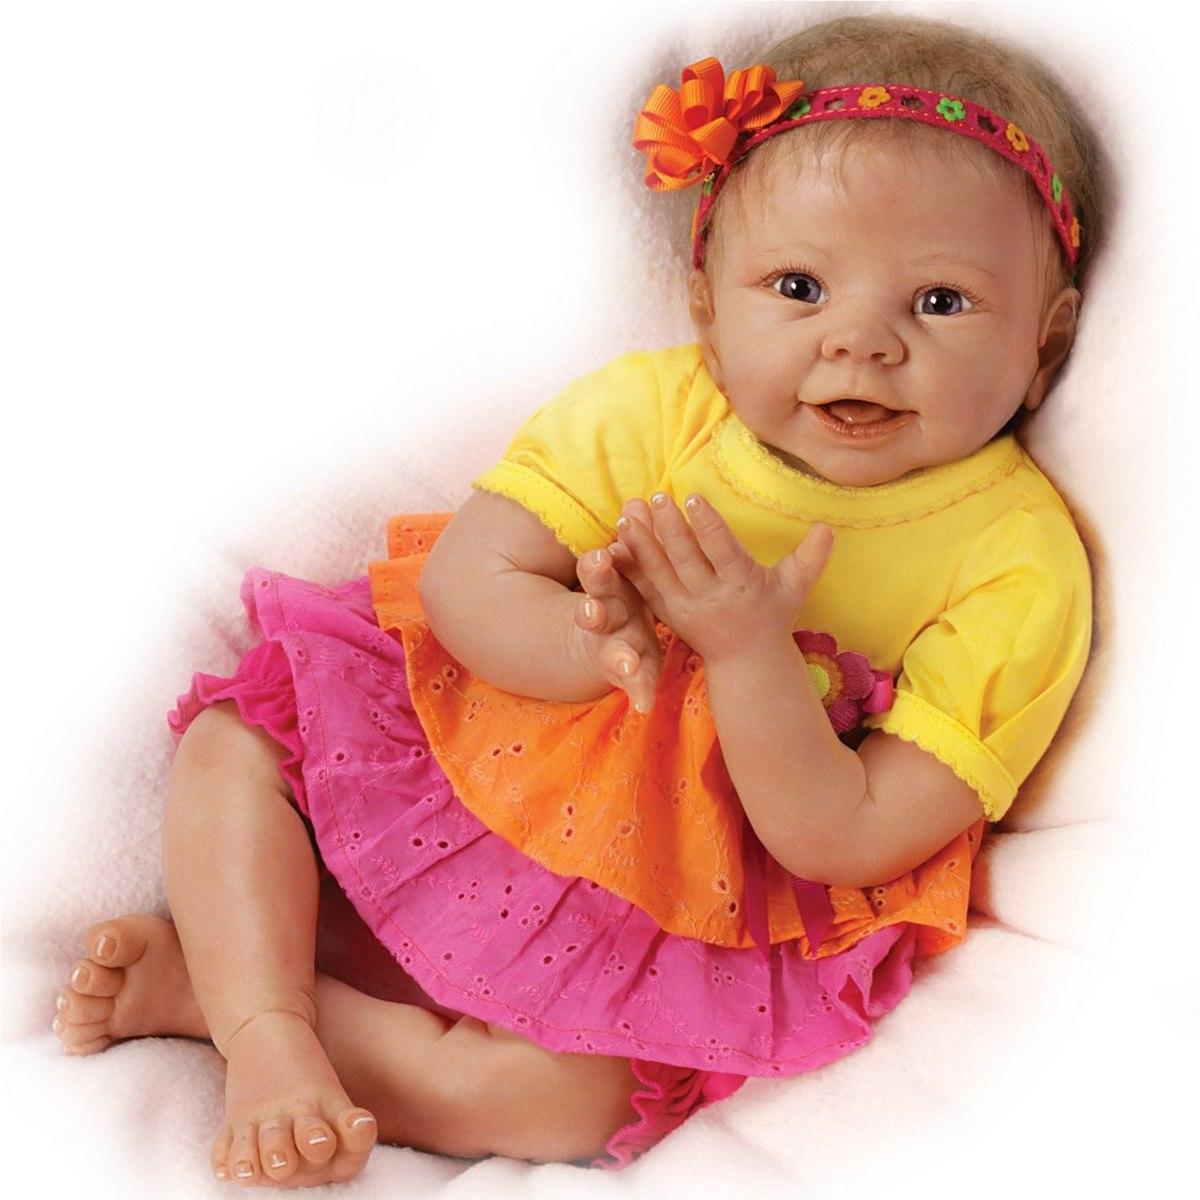 Nueva Bebe Reborn Interactiva Se Rie Sobrepedido 18